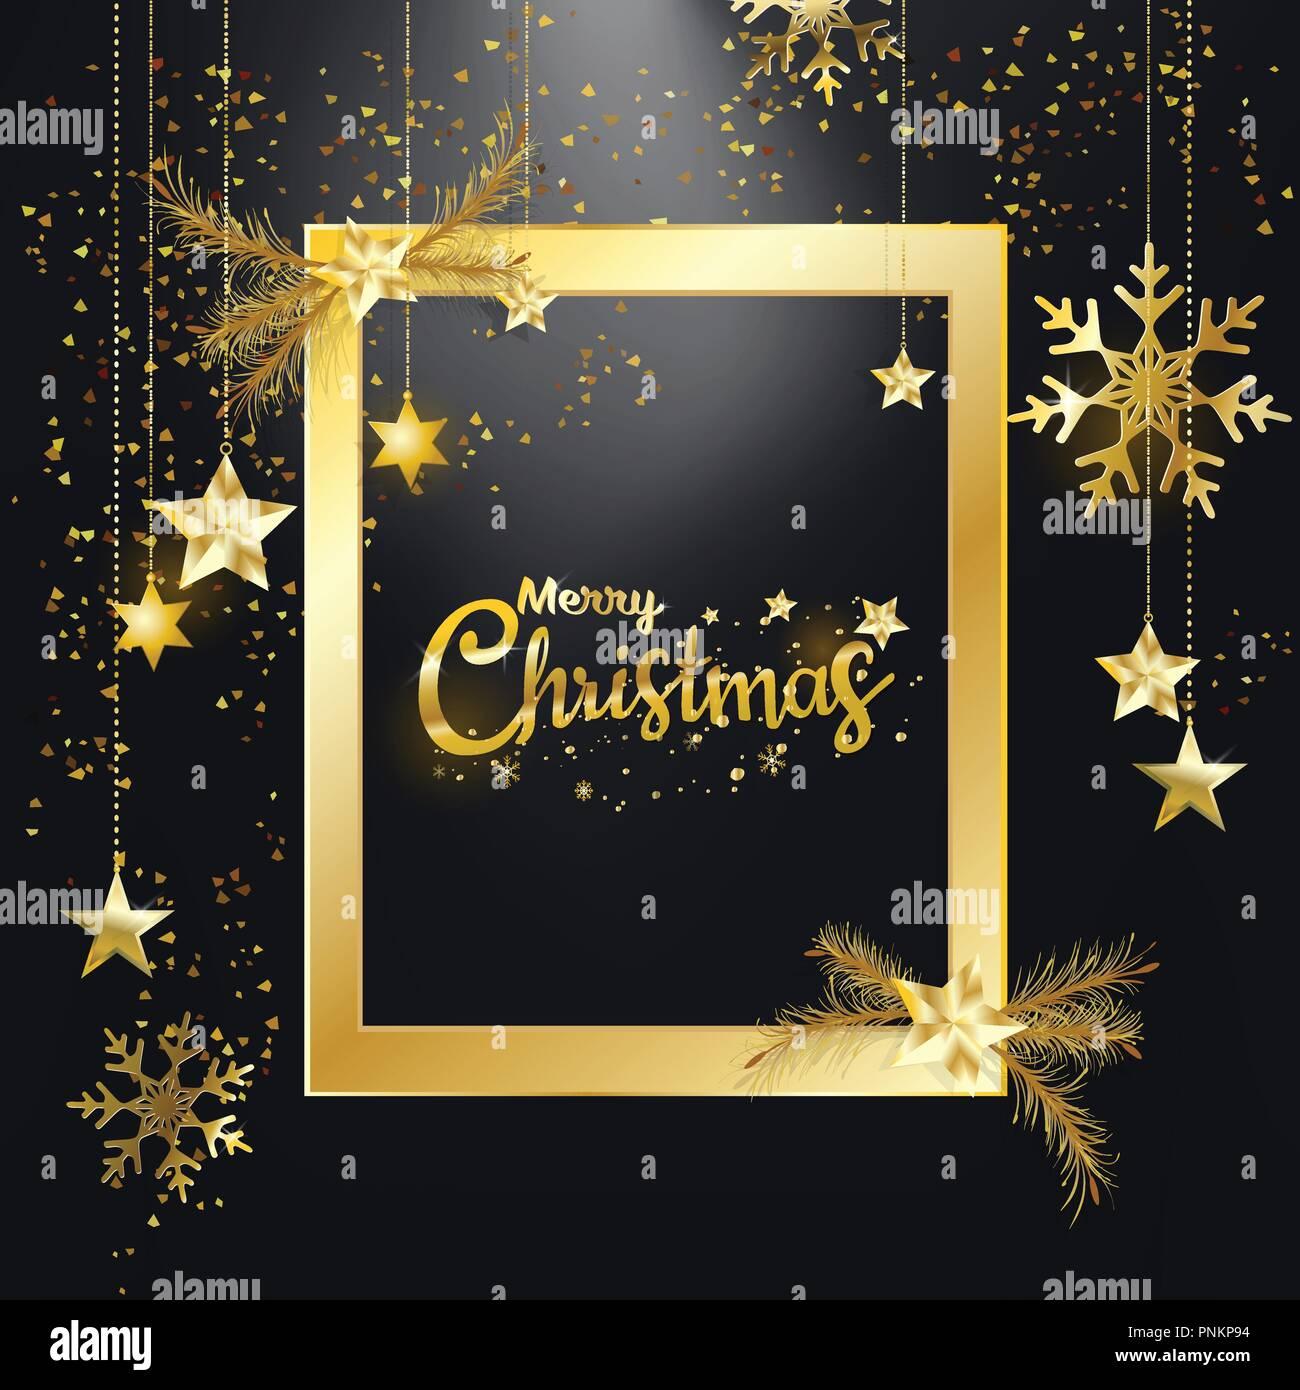 Buon Natale Glitter.Buon Natale E Felice Anno Nuovo Golden Glitter Di Natale Elegante